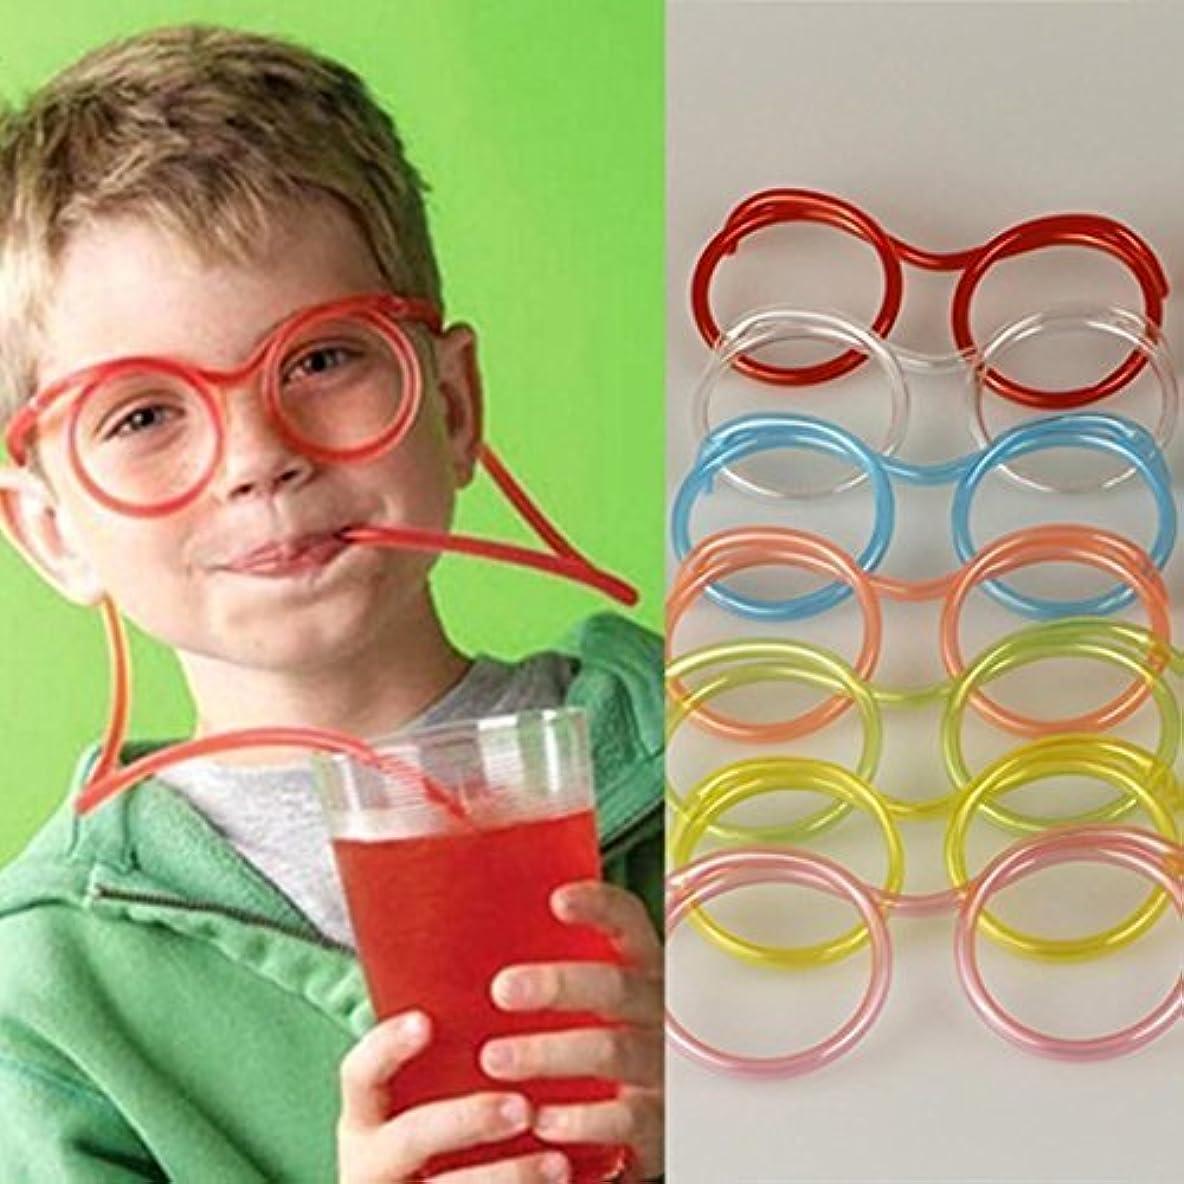 担当者スカルククロス子供の楽しい狂った目新しさは、可撓管ガラスギフト党供給を飲むわら